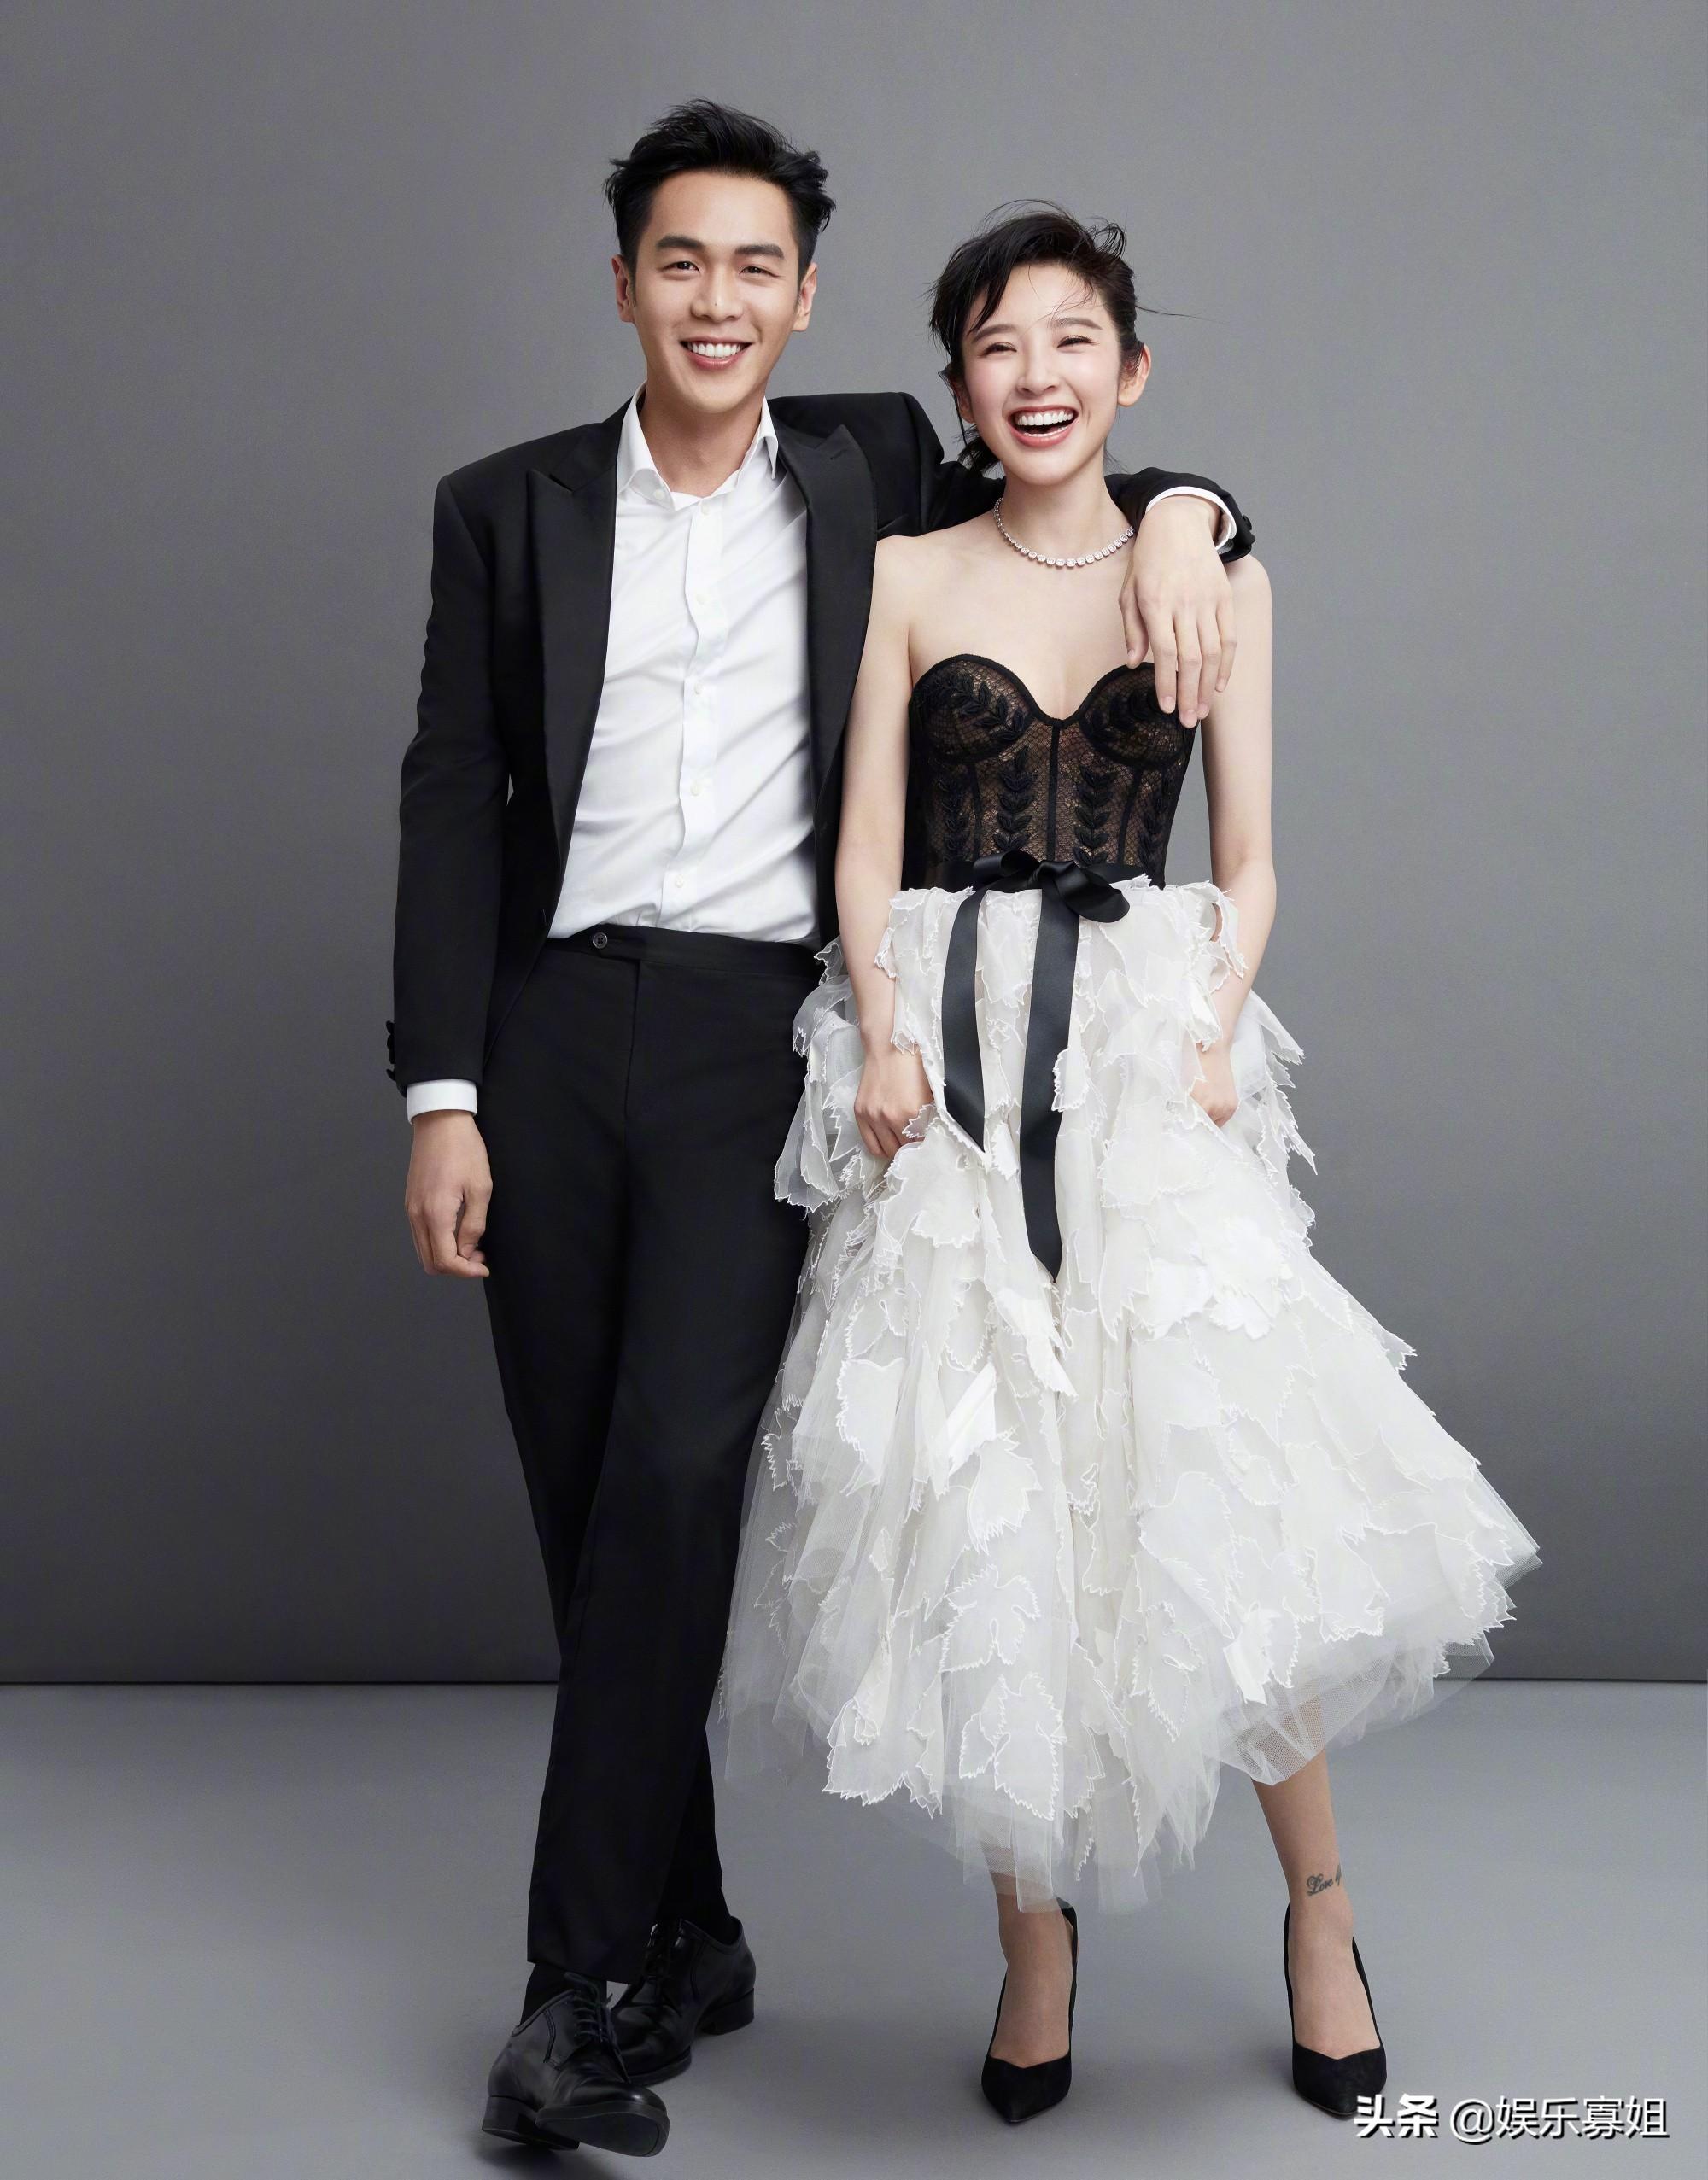 太甜了!妻子唐艺昕产后首次出席活动,丈夫张若昀发文深情表白